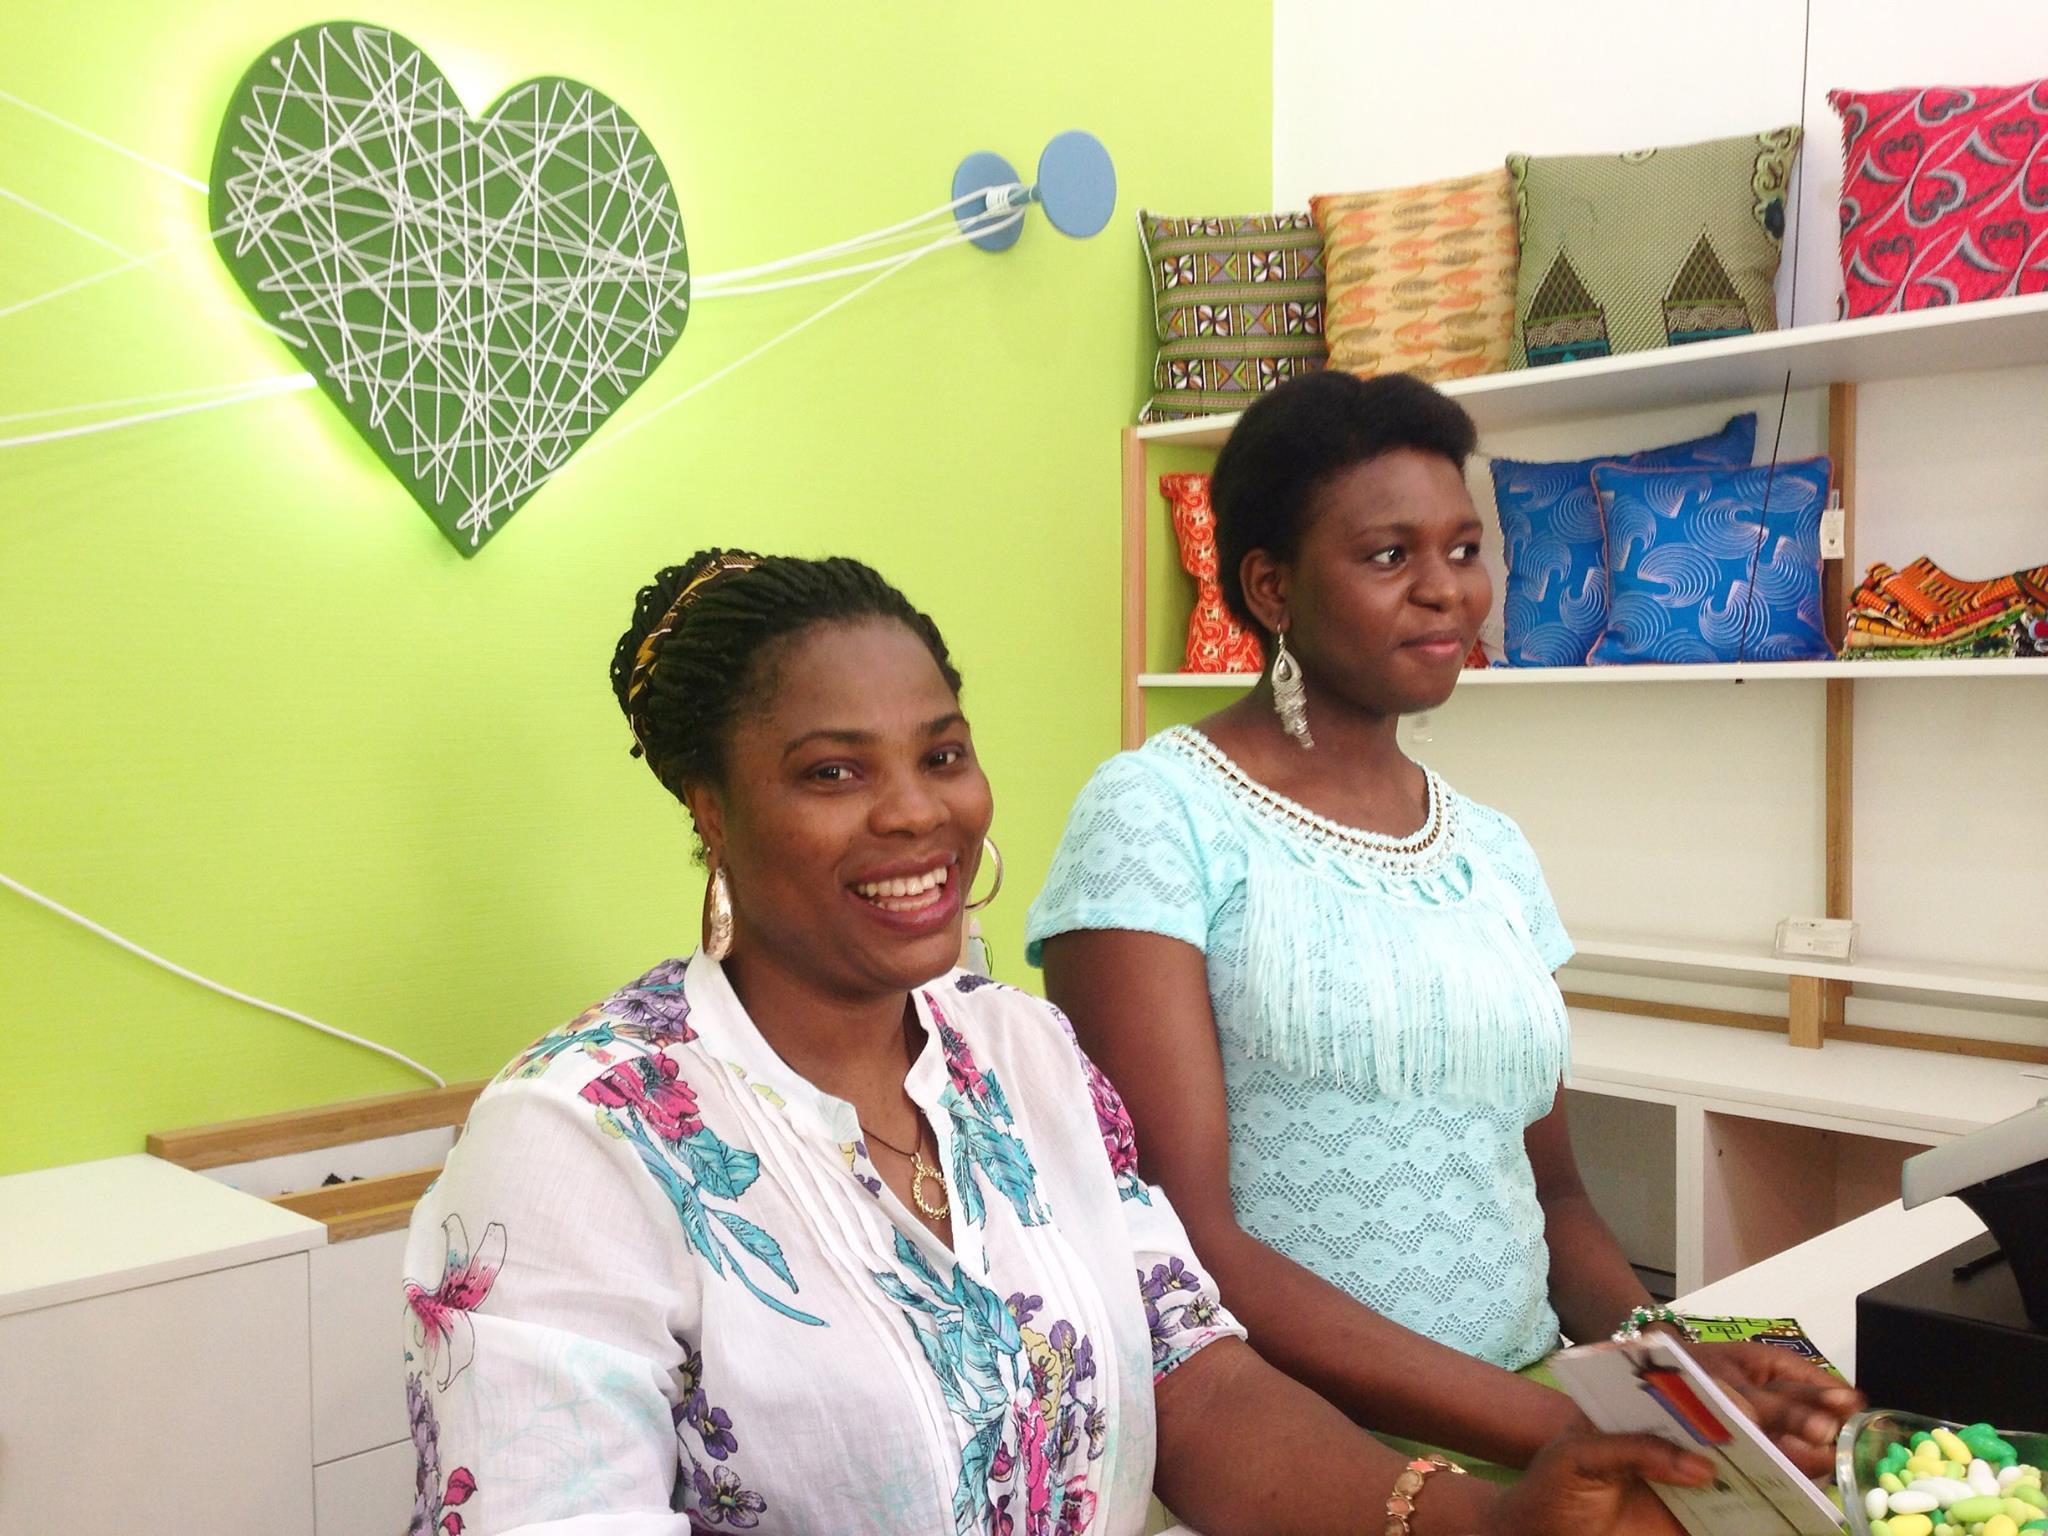 NewHope Store aiutare a fare impresa per liberare giovani donne madri dall'incubo della violenza - Fondazione Angelo Affinita